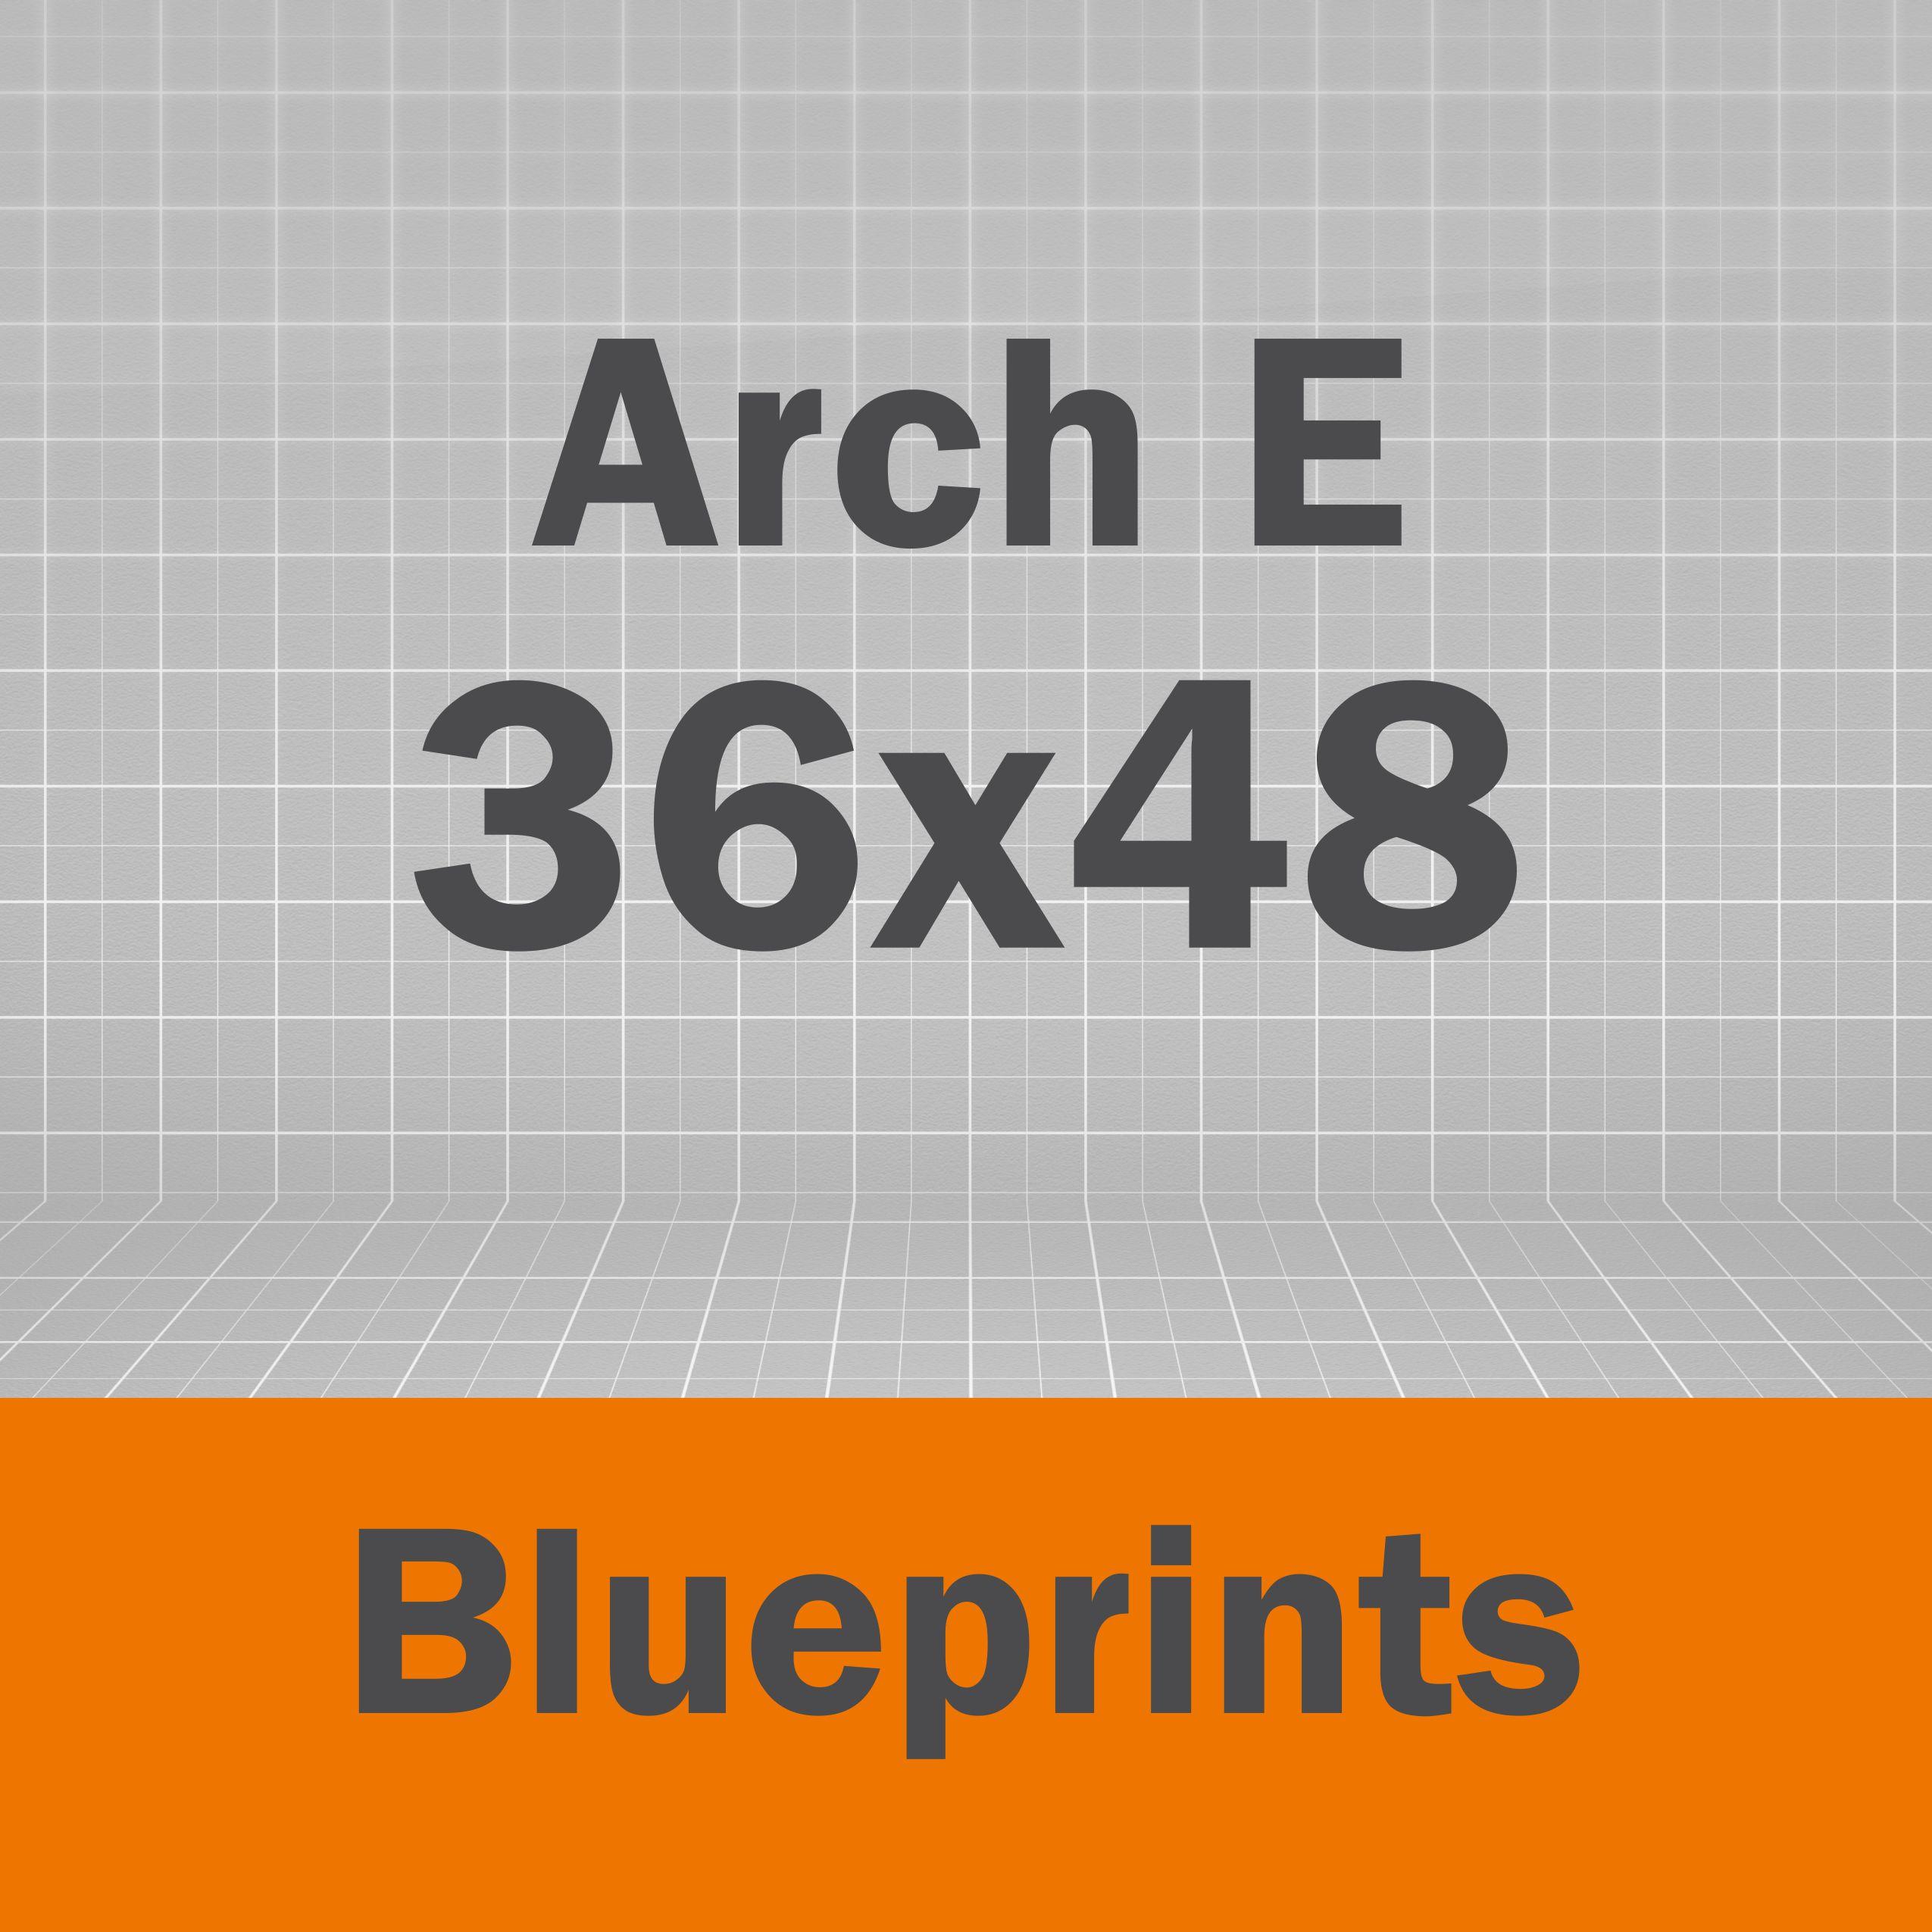 blueprints arch e product image